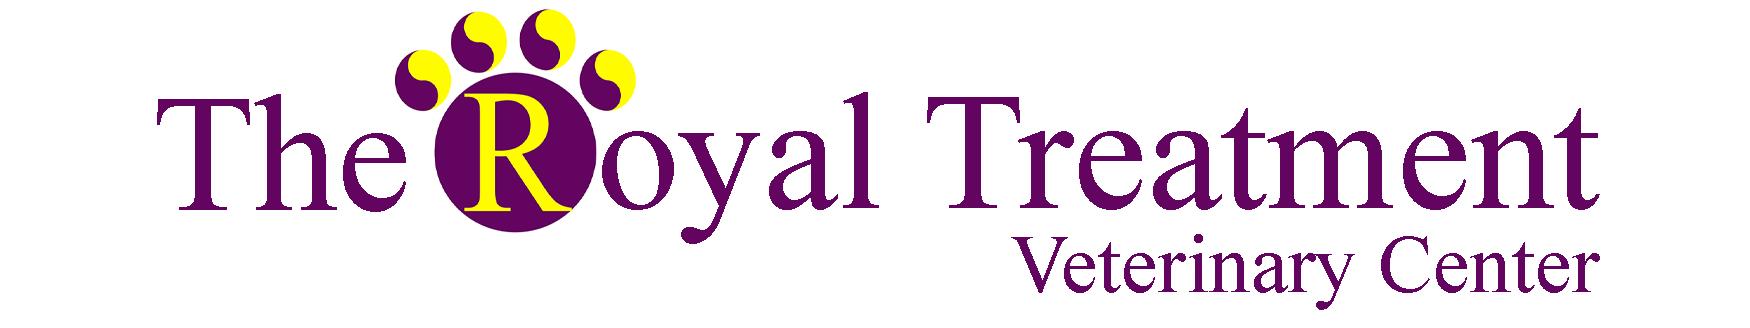 Royal Treatment Veterinary Center